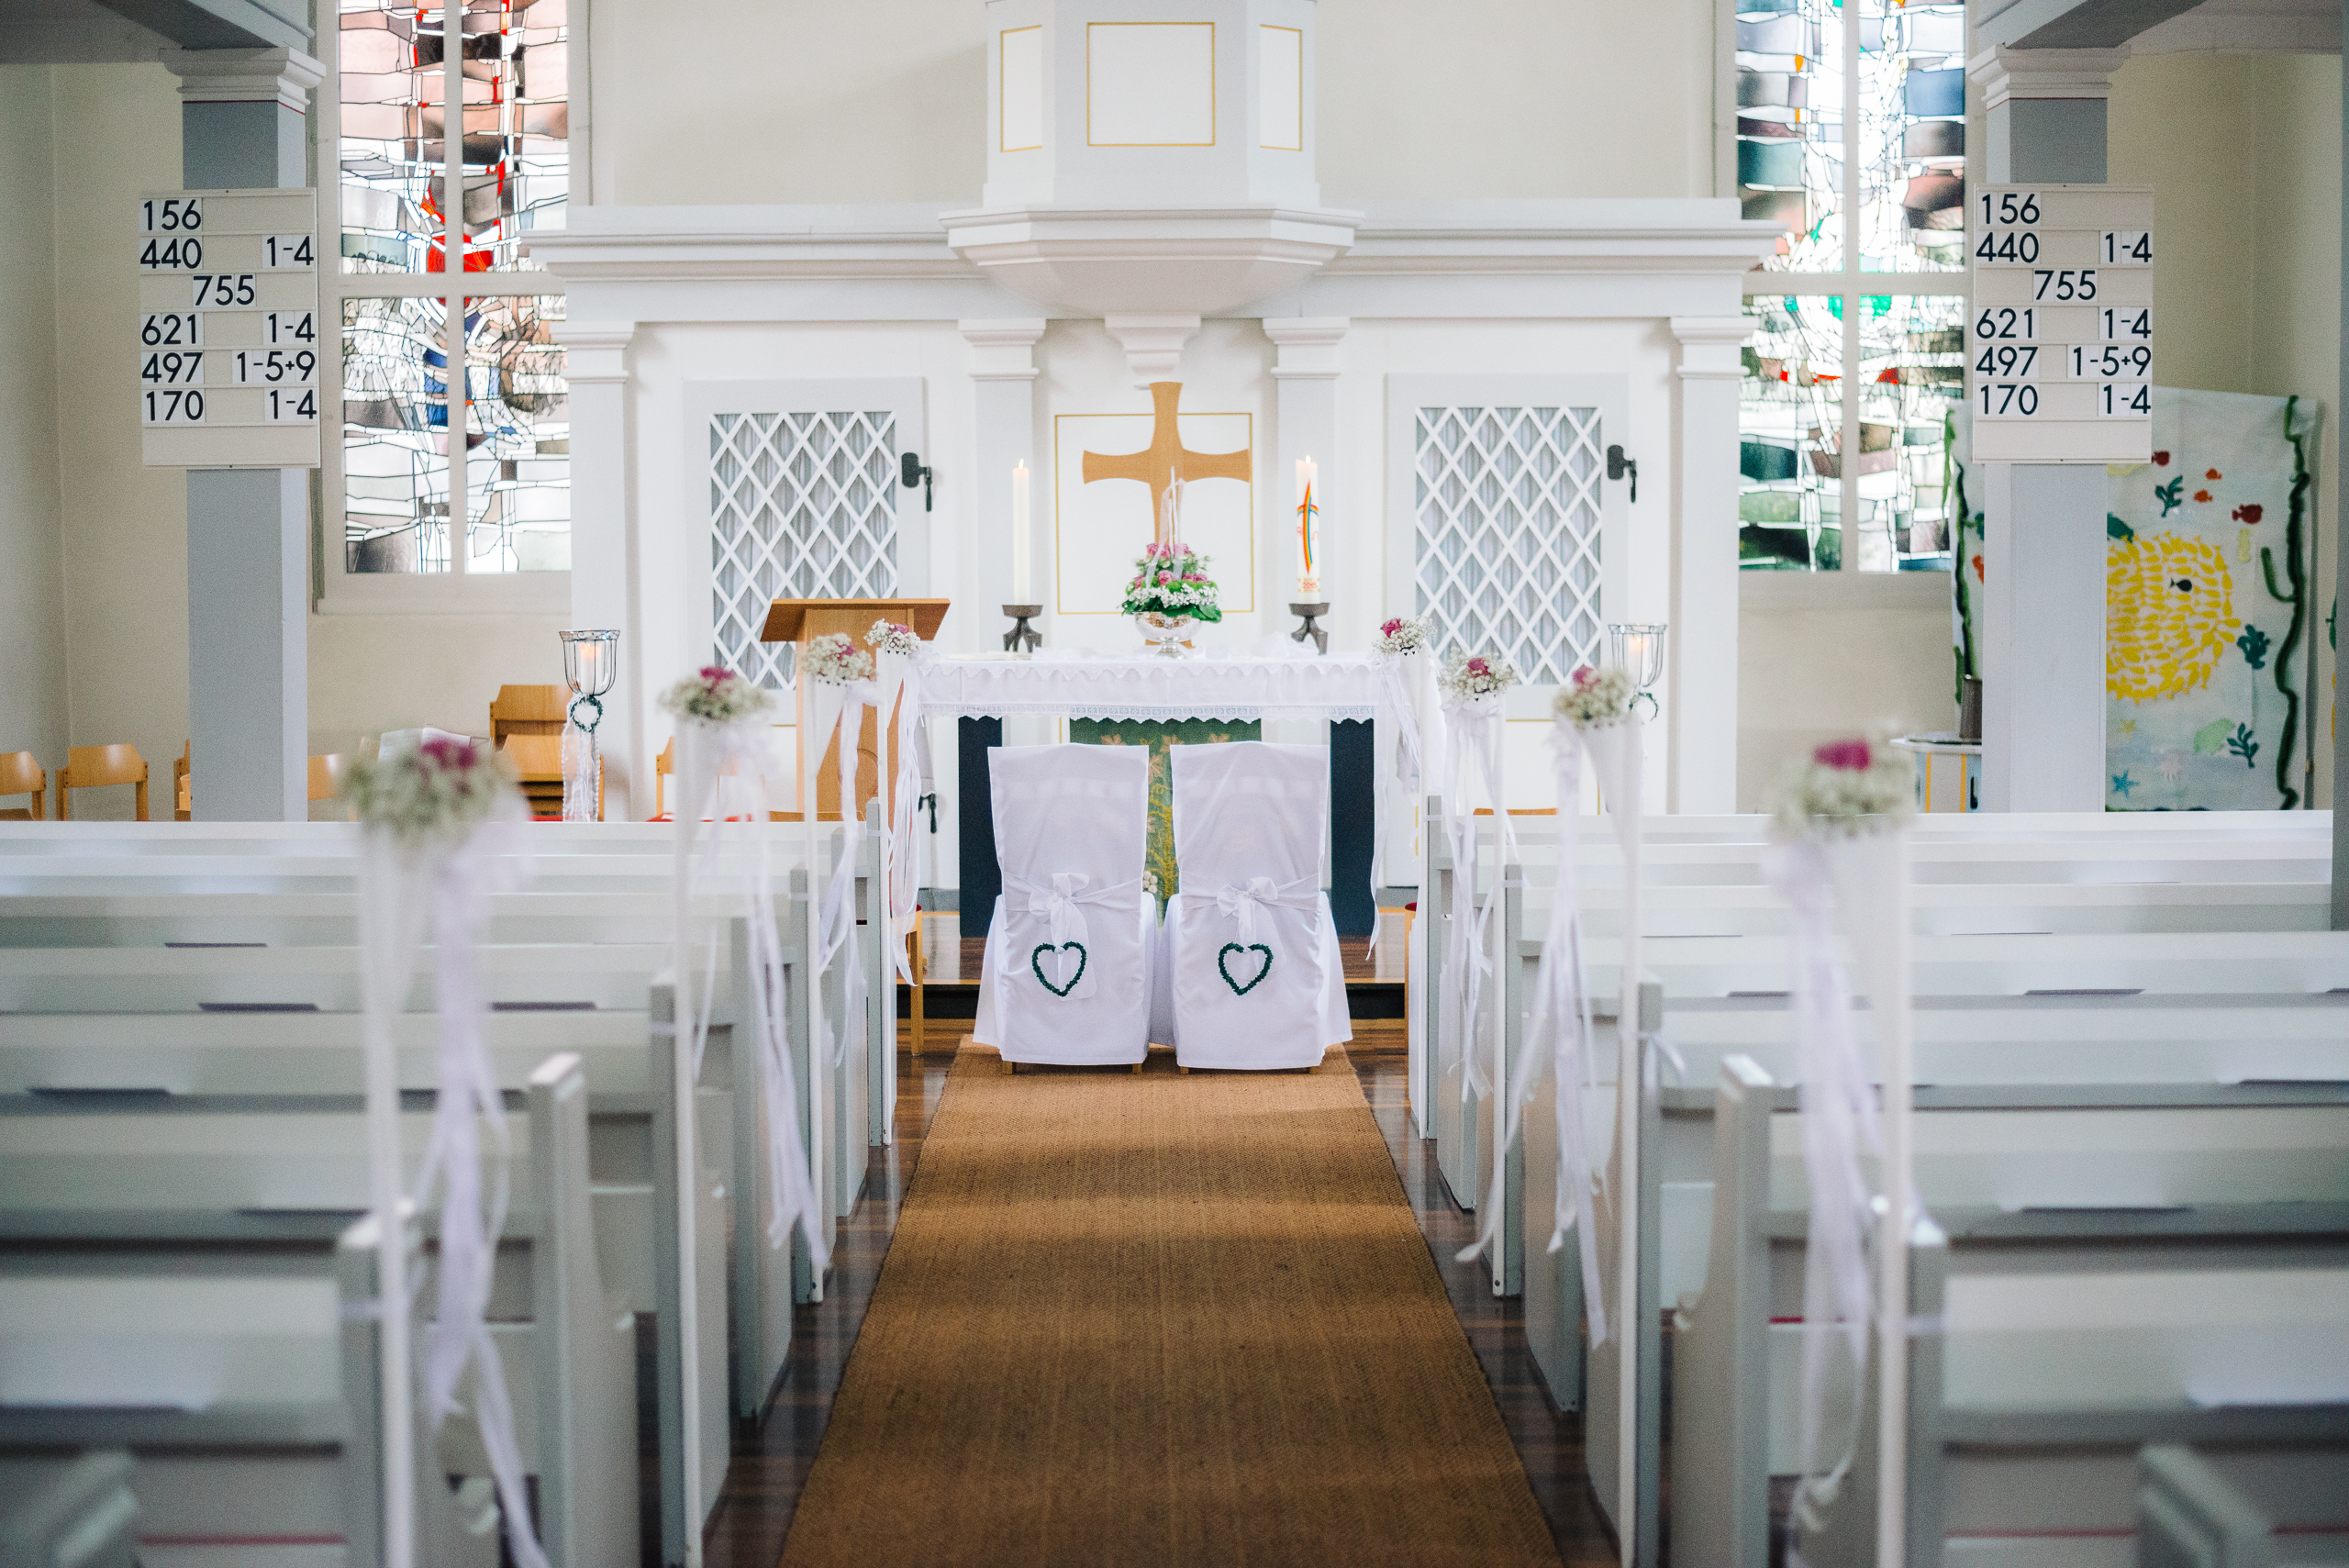 2015.08.15 - Kirche Böhnisch__0237.jpg